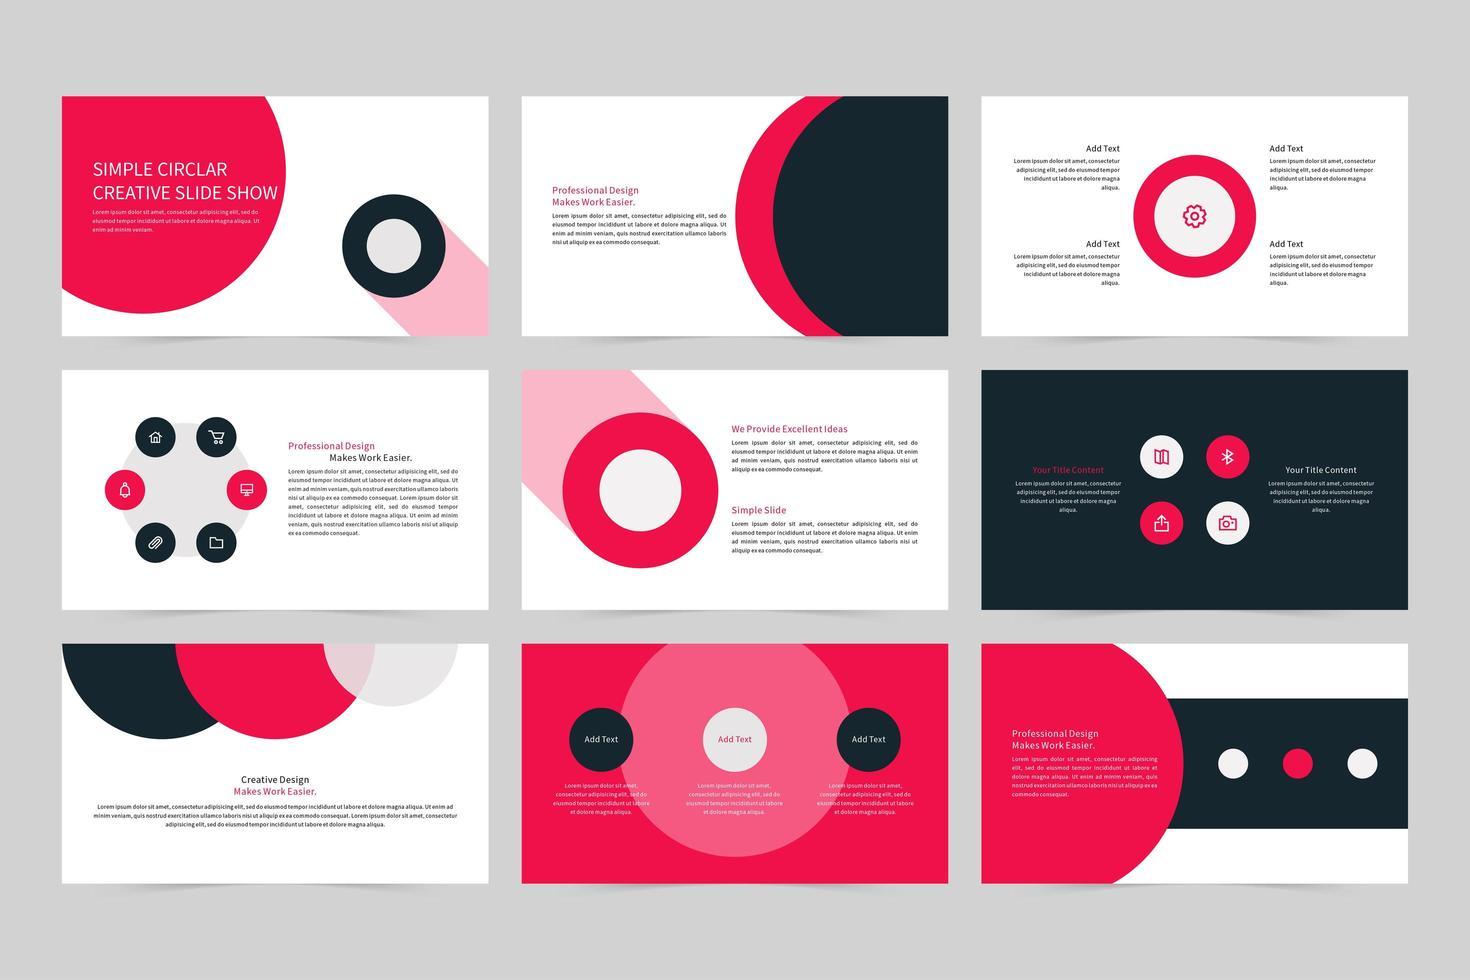 set di slide show creativo circolare semplice vettore